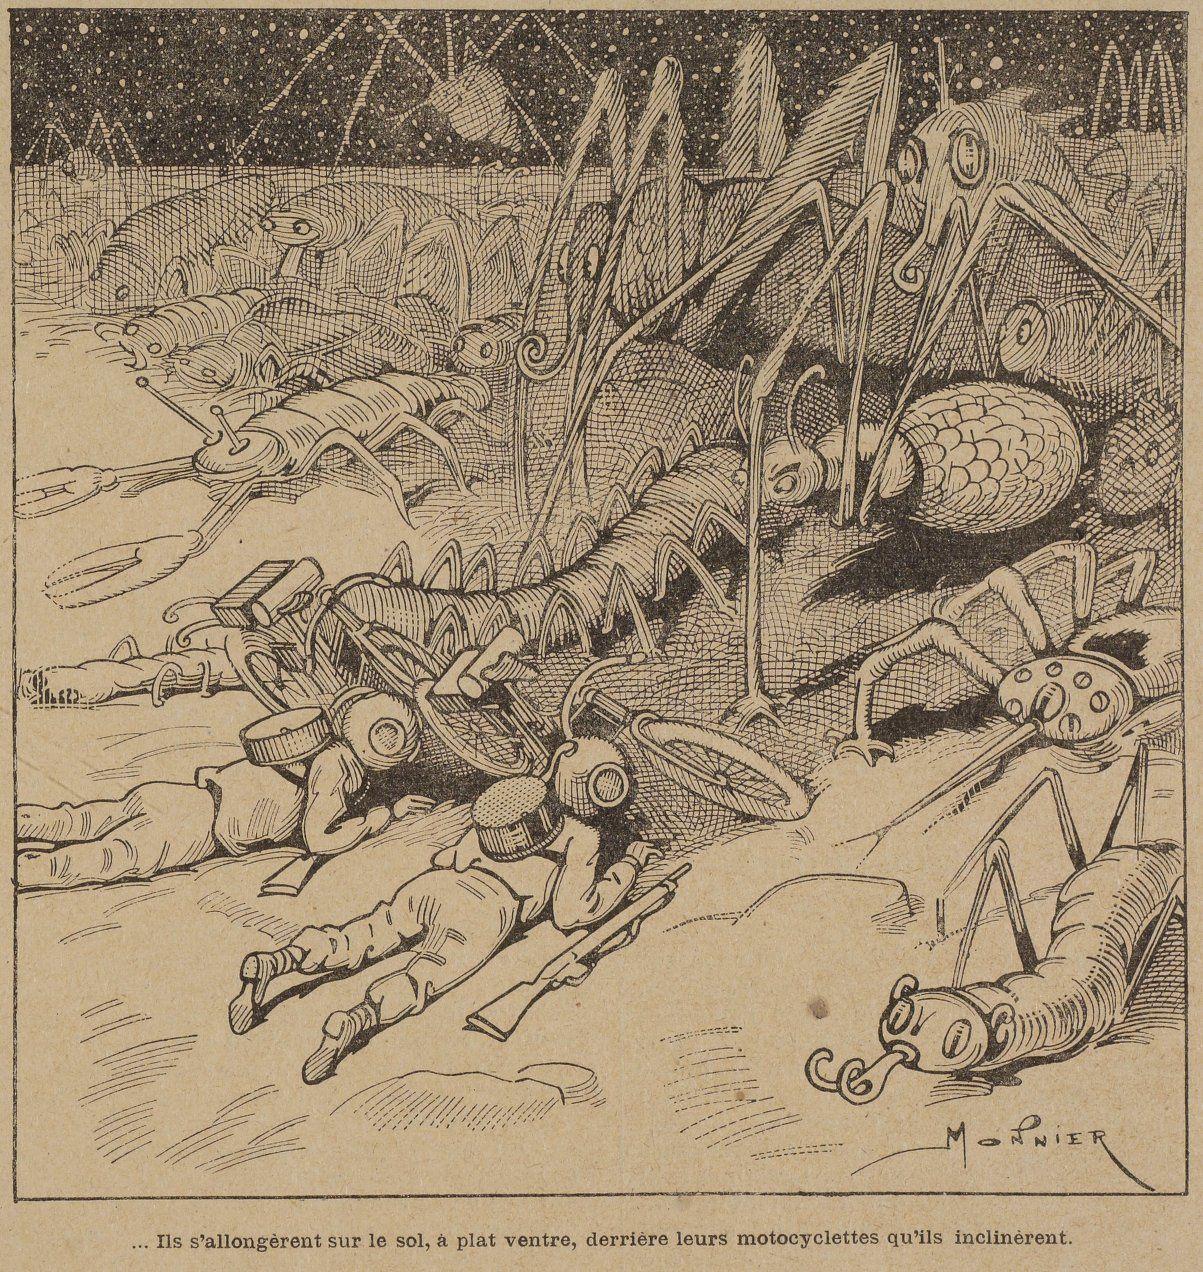 Marius Monnier - A quatre-vingt dix mille lieues de la Terre in La Jeunesse illustrée n°187 (23/09/1906)